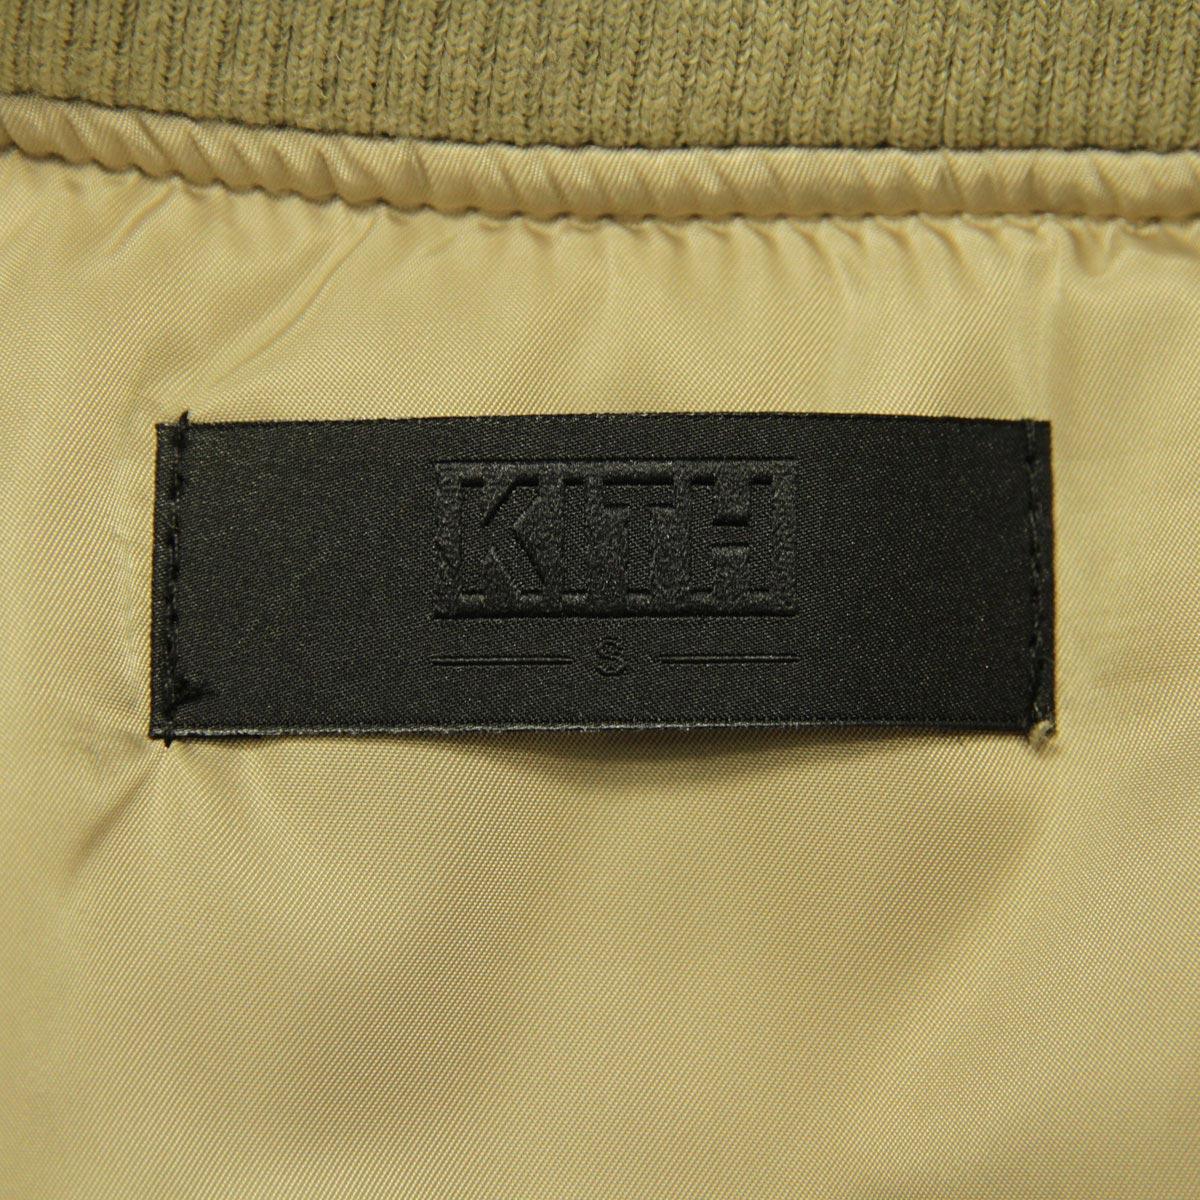 キス KITH 正規品 メンズ MA-1 KITH CLASSICS ASTOR BOMBER COFFEE KH1046-108